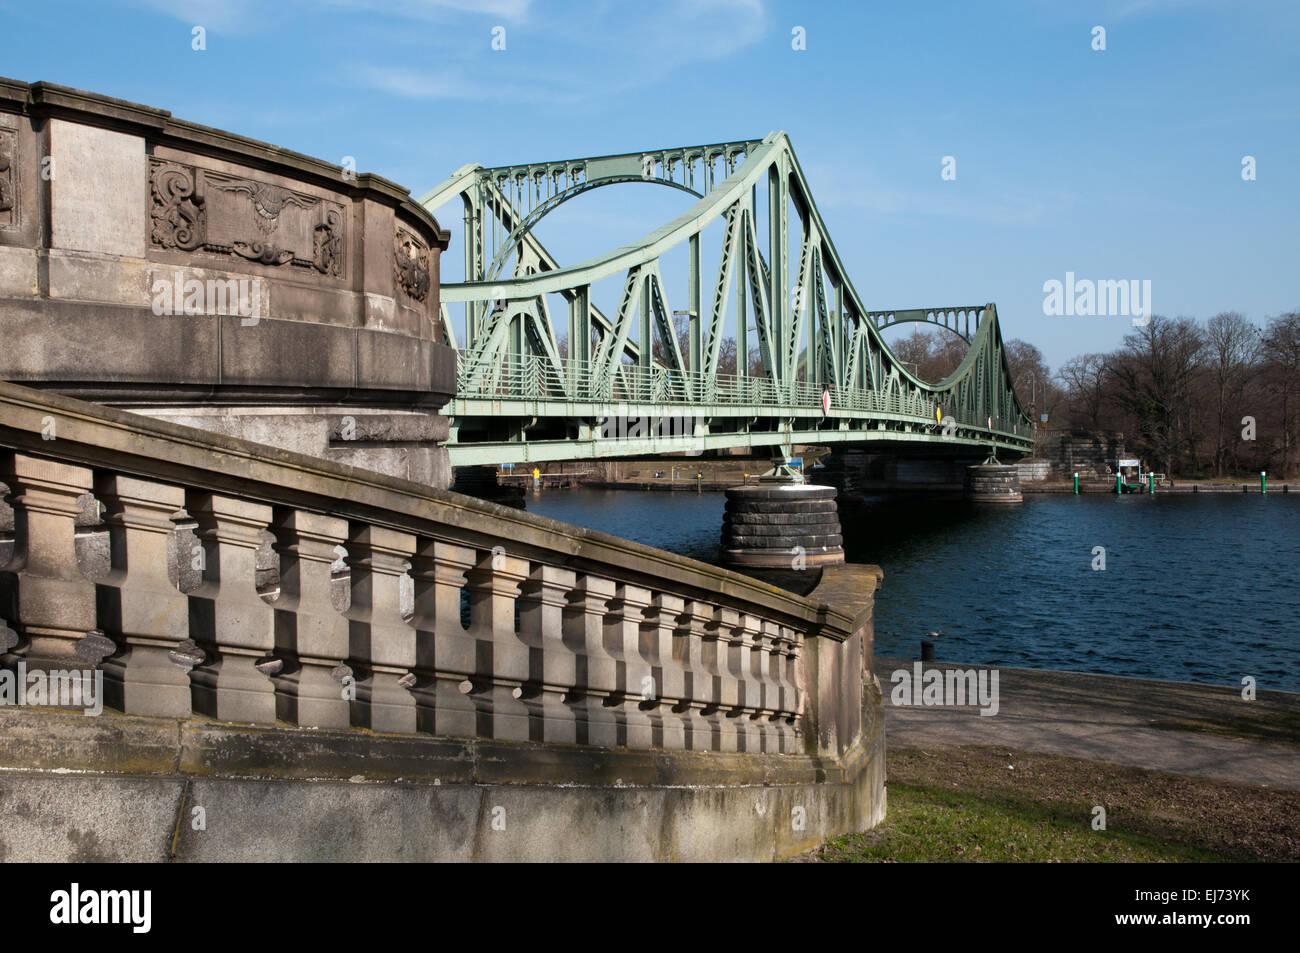 Bruecke puente Glienicker, escenario de la guerra fría espía intercambios Imagen De Stock